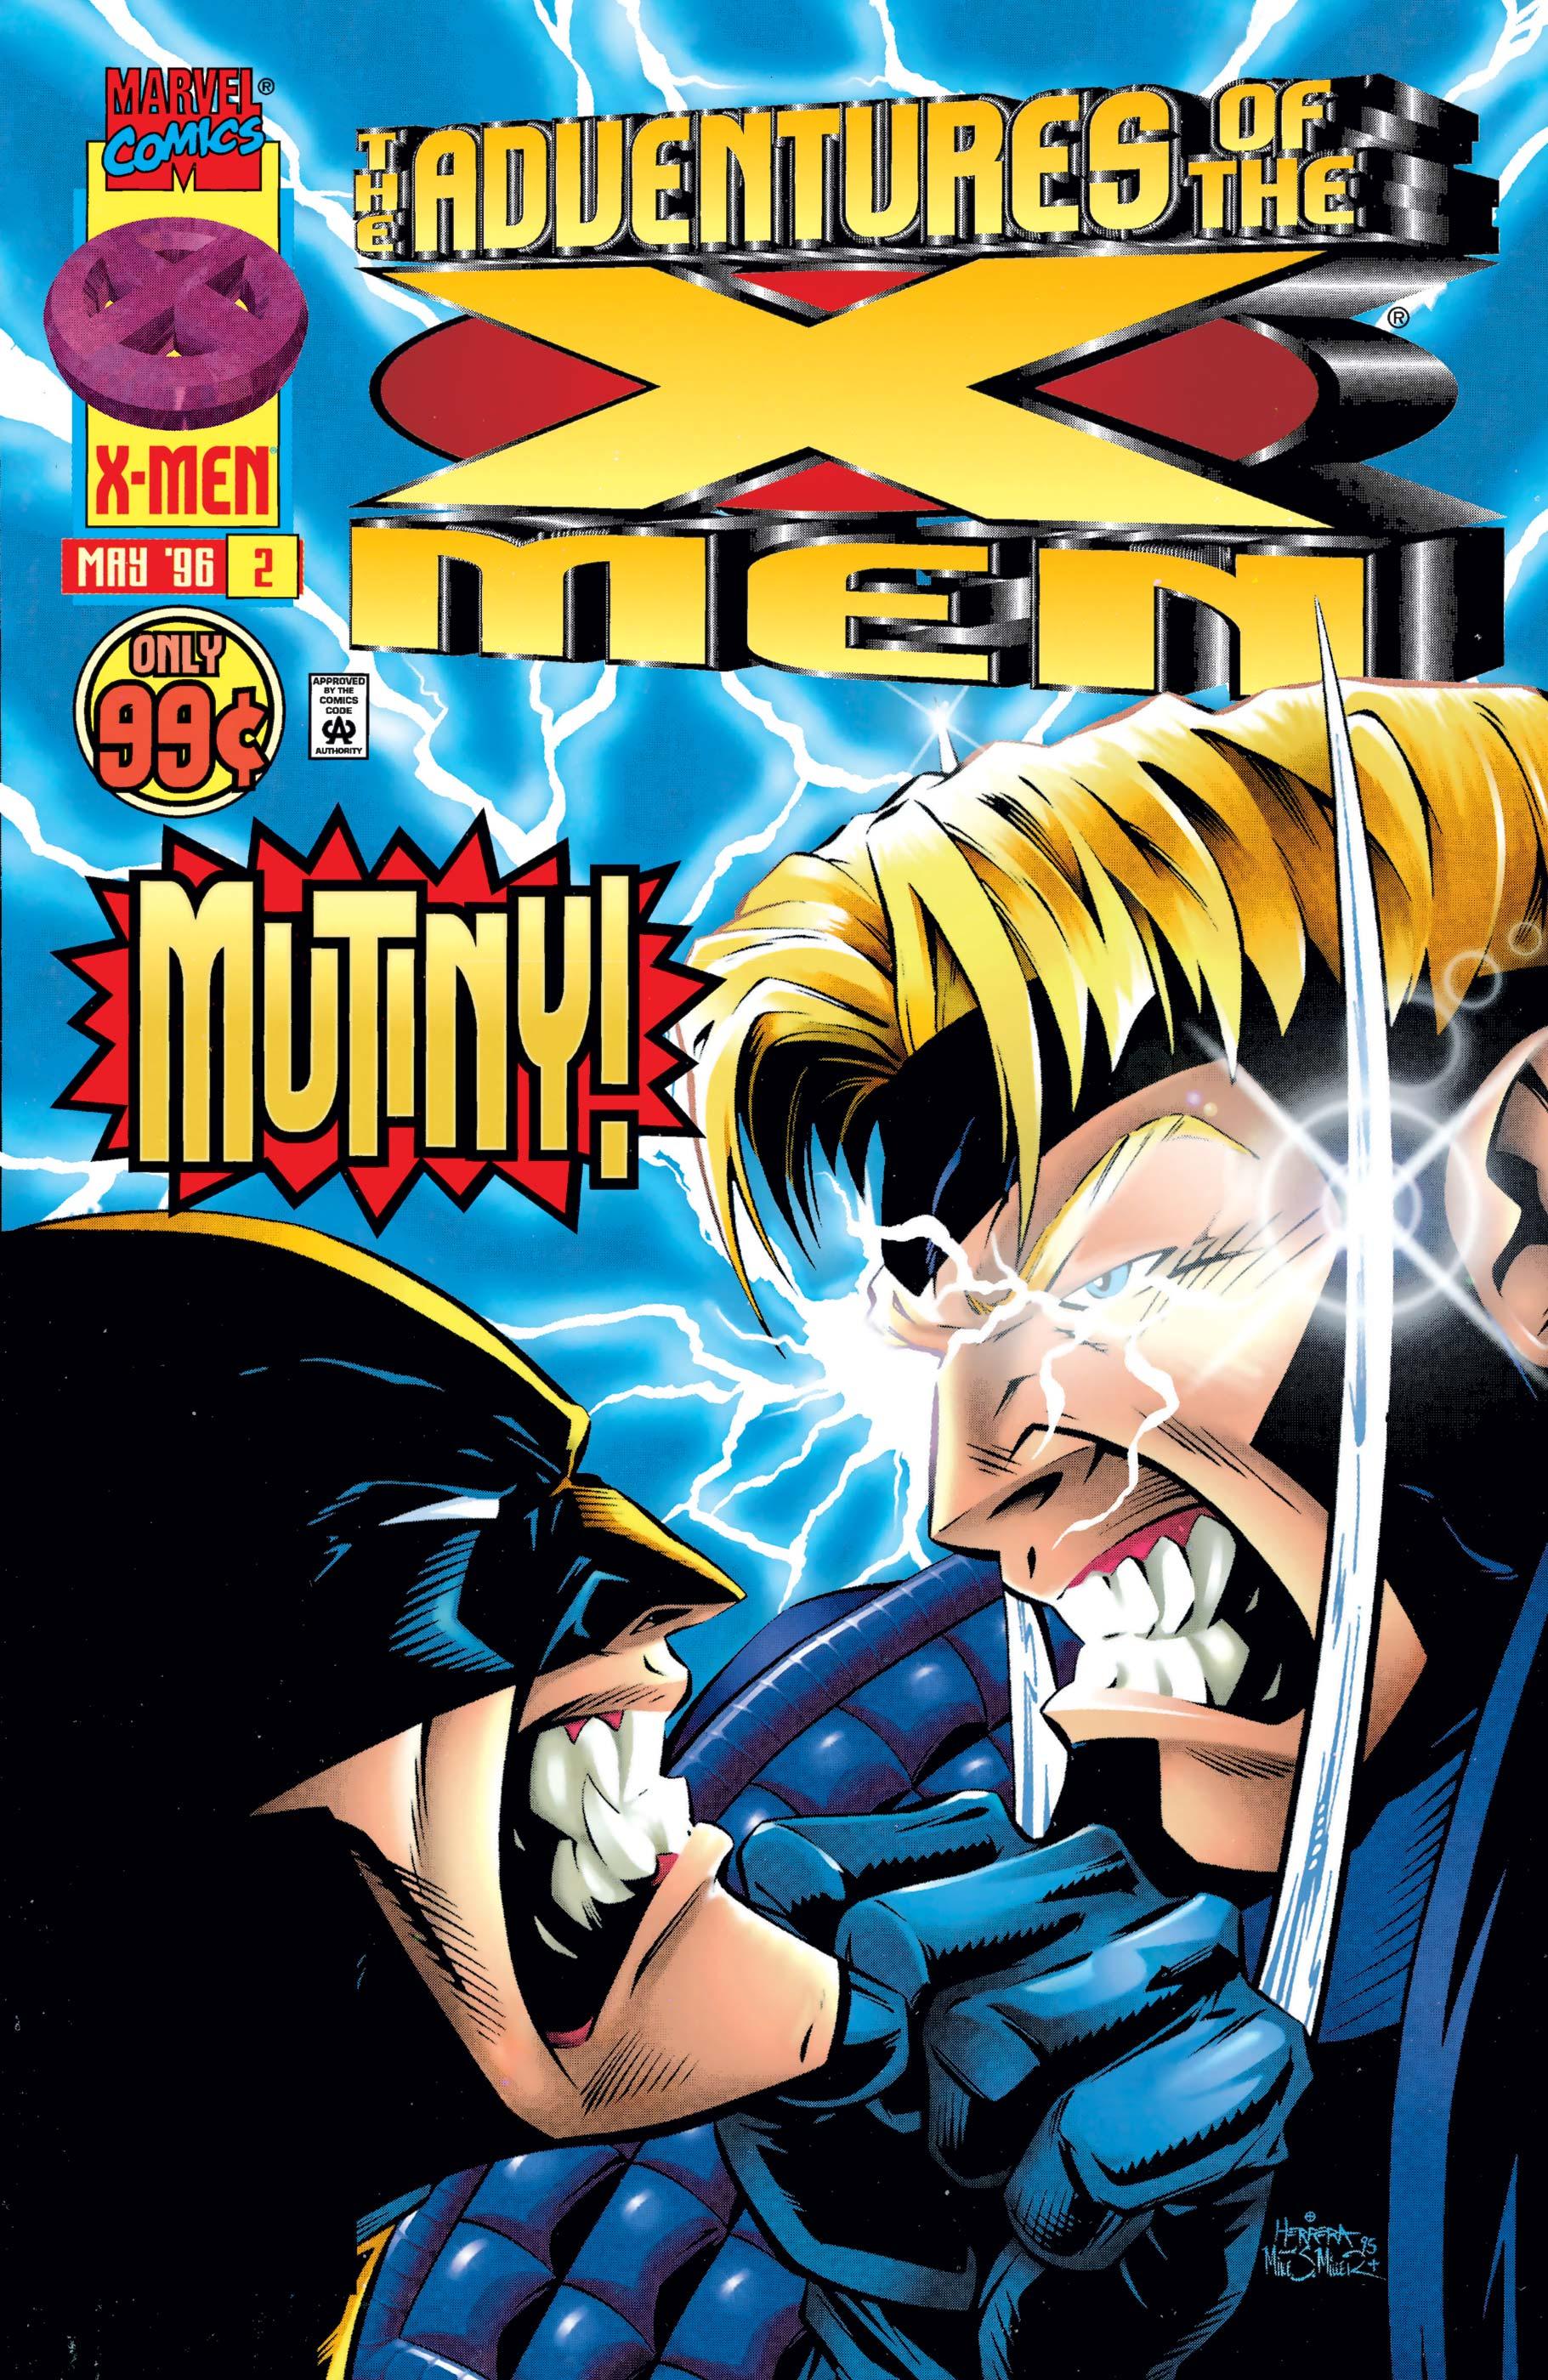 Adventures of the X-Men (1996) #2